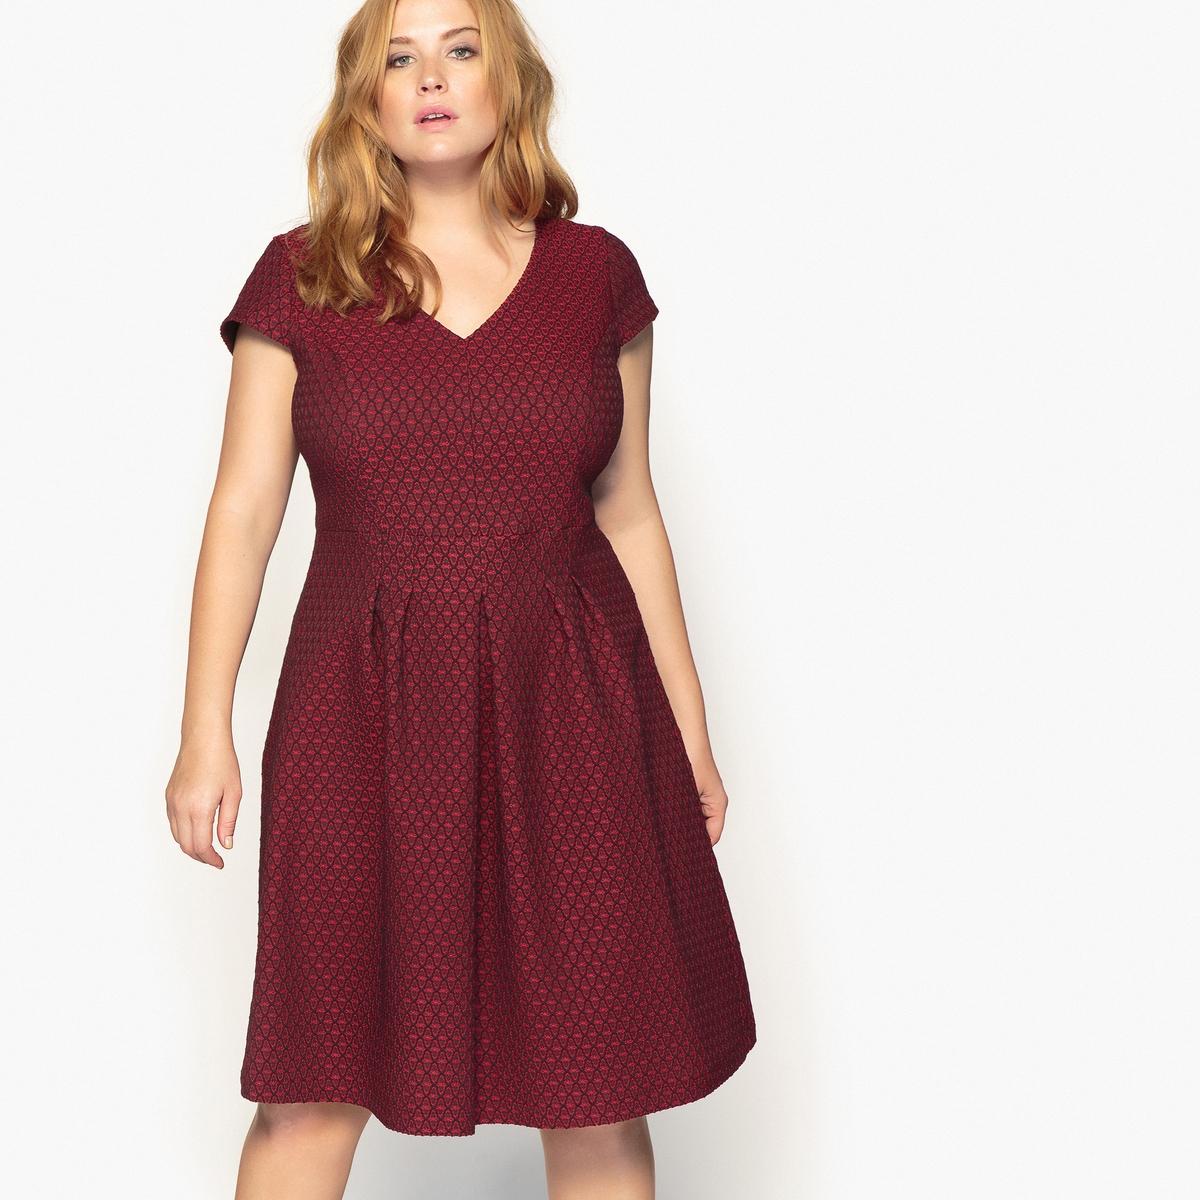 Платье расклешенное средней длины с жаккардовым рисункомОчень женственное платье расклешенного покроя. Всегда элегантное расклешенное платье с жаккардовым рисунком незаменимо в вашем гардеробе.Детали •  Форма : расклешенная •  Длина до колен •  Короткие рукава    •   V-образный вырез •  Жаккардовый рисунокСостав и уход •  38% хлопка, 2% эластана, 60% полиэстера •  Температура стирки при 30° на деликатном режиме   •  Сухая чистка и отбеливание запрещены •  Не использовать барабанную сушку   •  Низкая температура глажки   ВАЖНО: Товар без манжетТовар из коллекции больших размеров •  Длина  : 103,8 см<br><br>Цвет: жаккард/красный<br>Размер: 48 (FR) - 54 (RUS).56 (FR) - 62 (RUS)